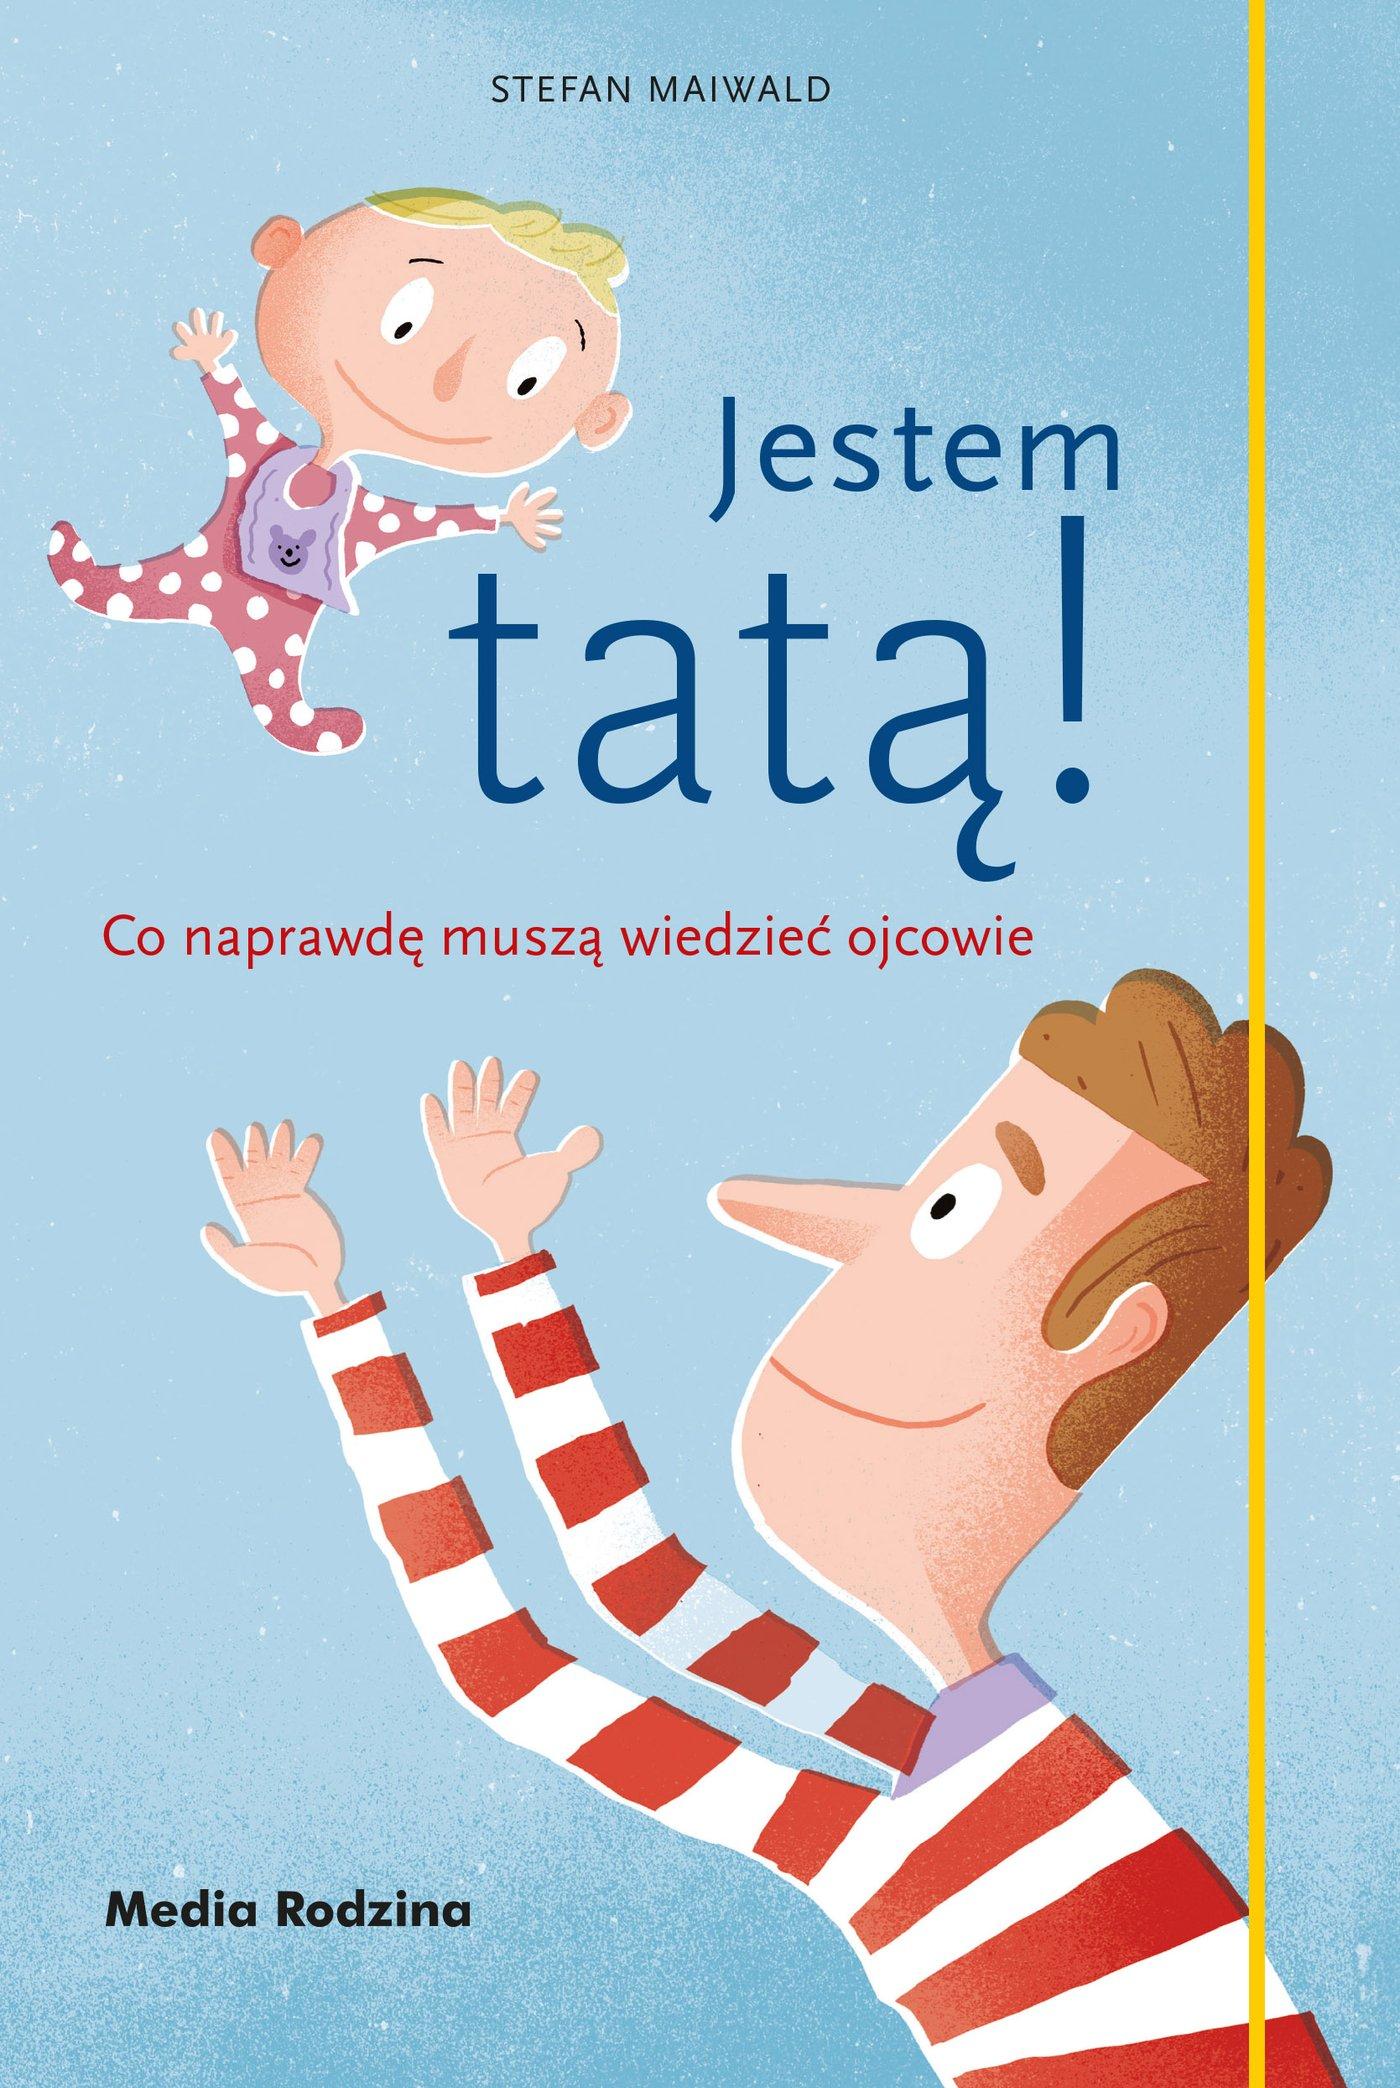 Jestem tatą! - Ebook (Książka na Kindle) do pobrania w formacie MOBI